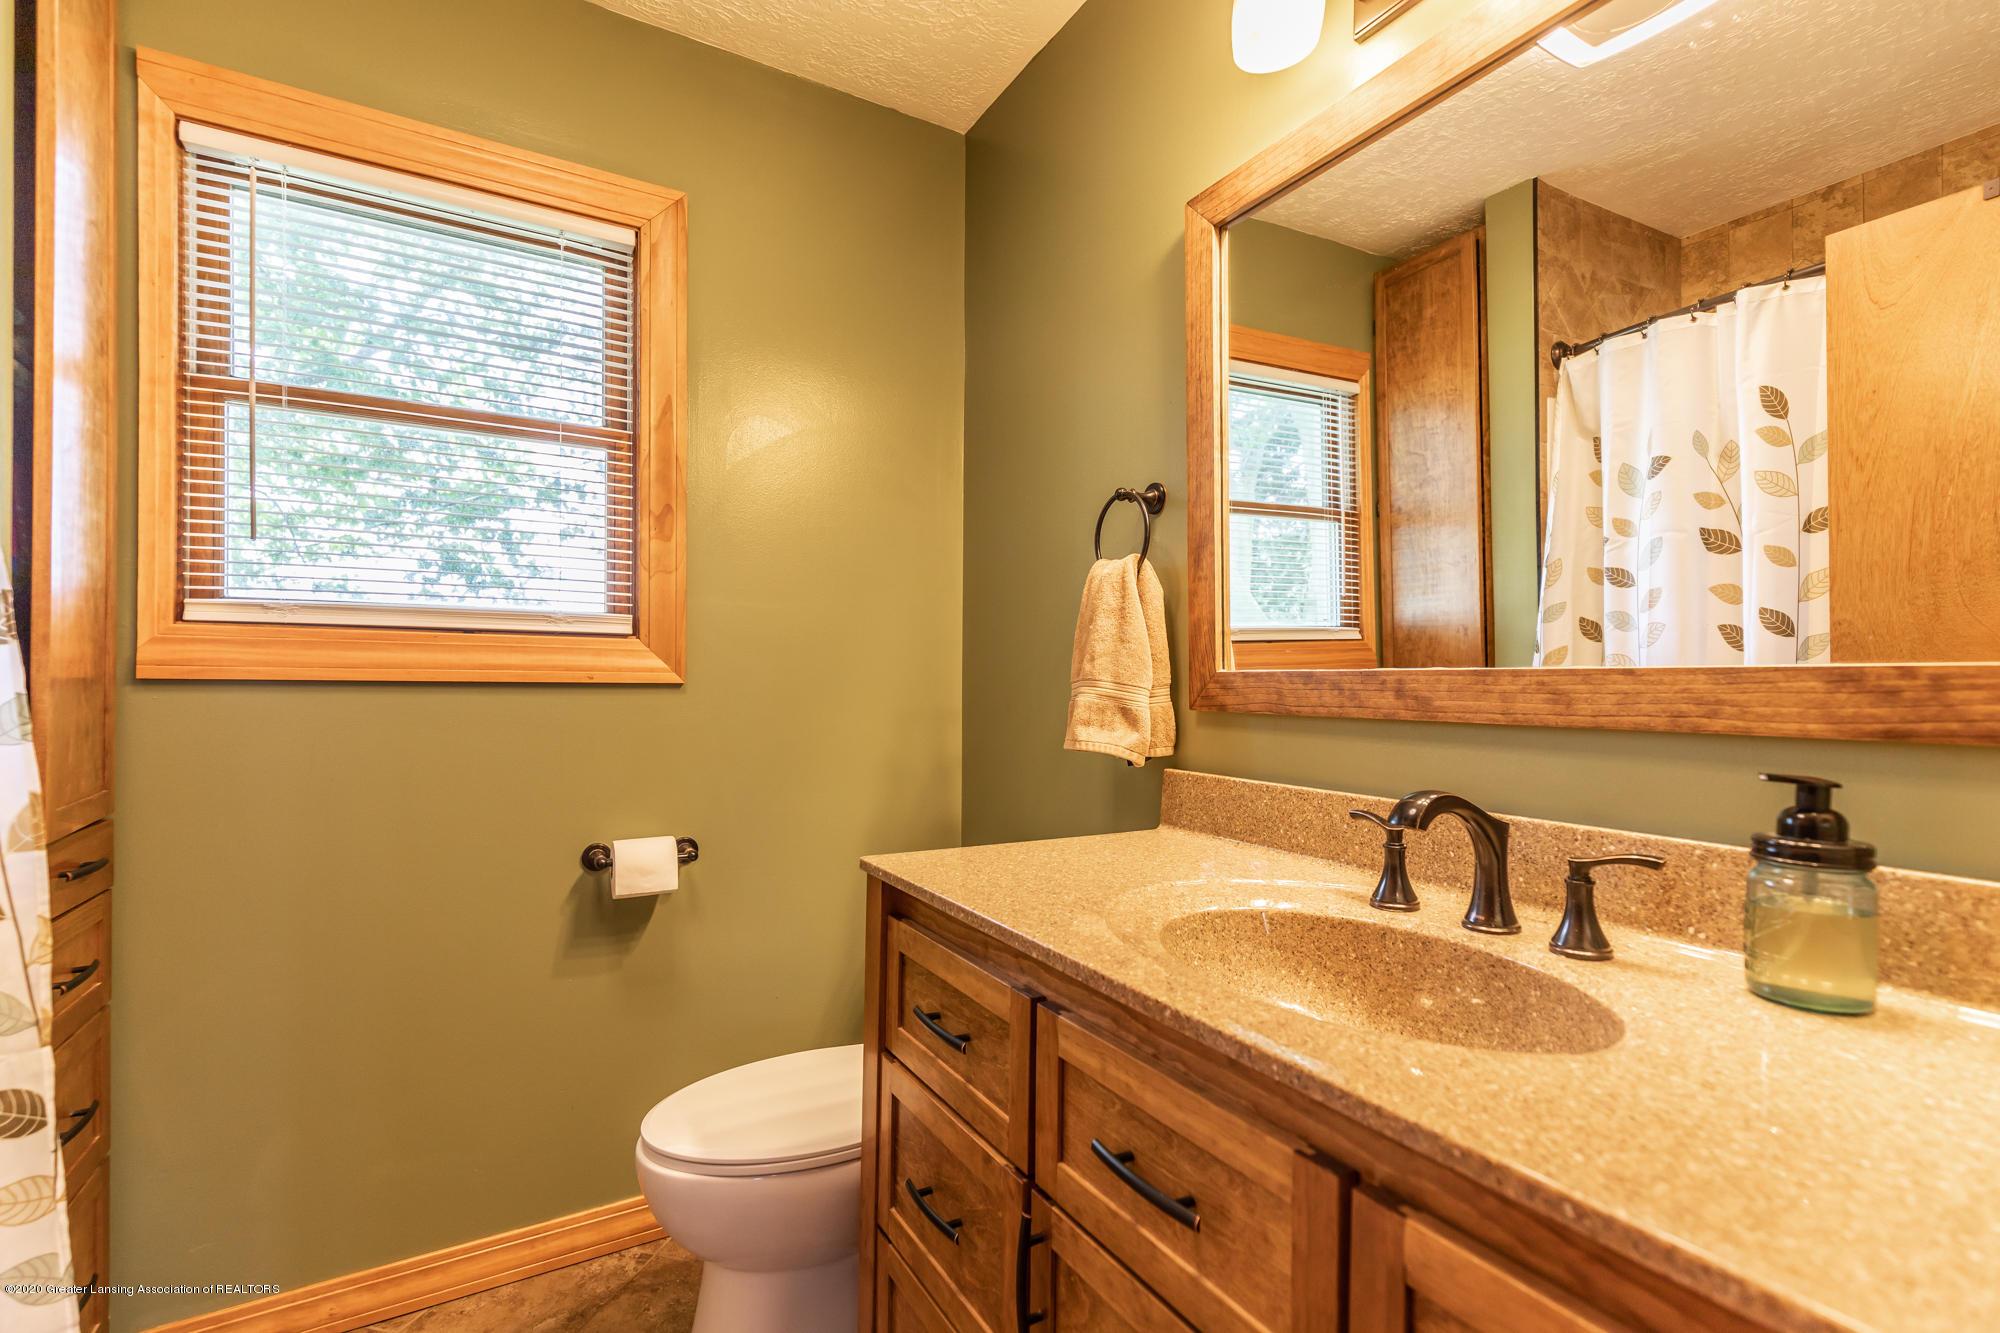 205 W Herbison Rd - Main Floor Bathroom - 21